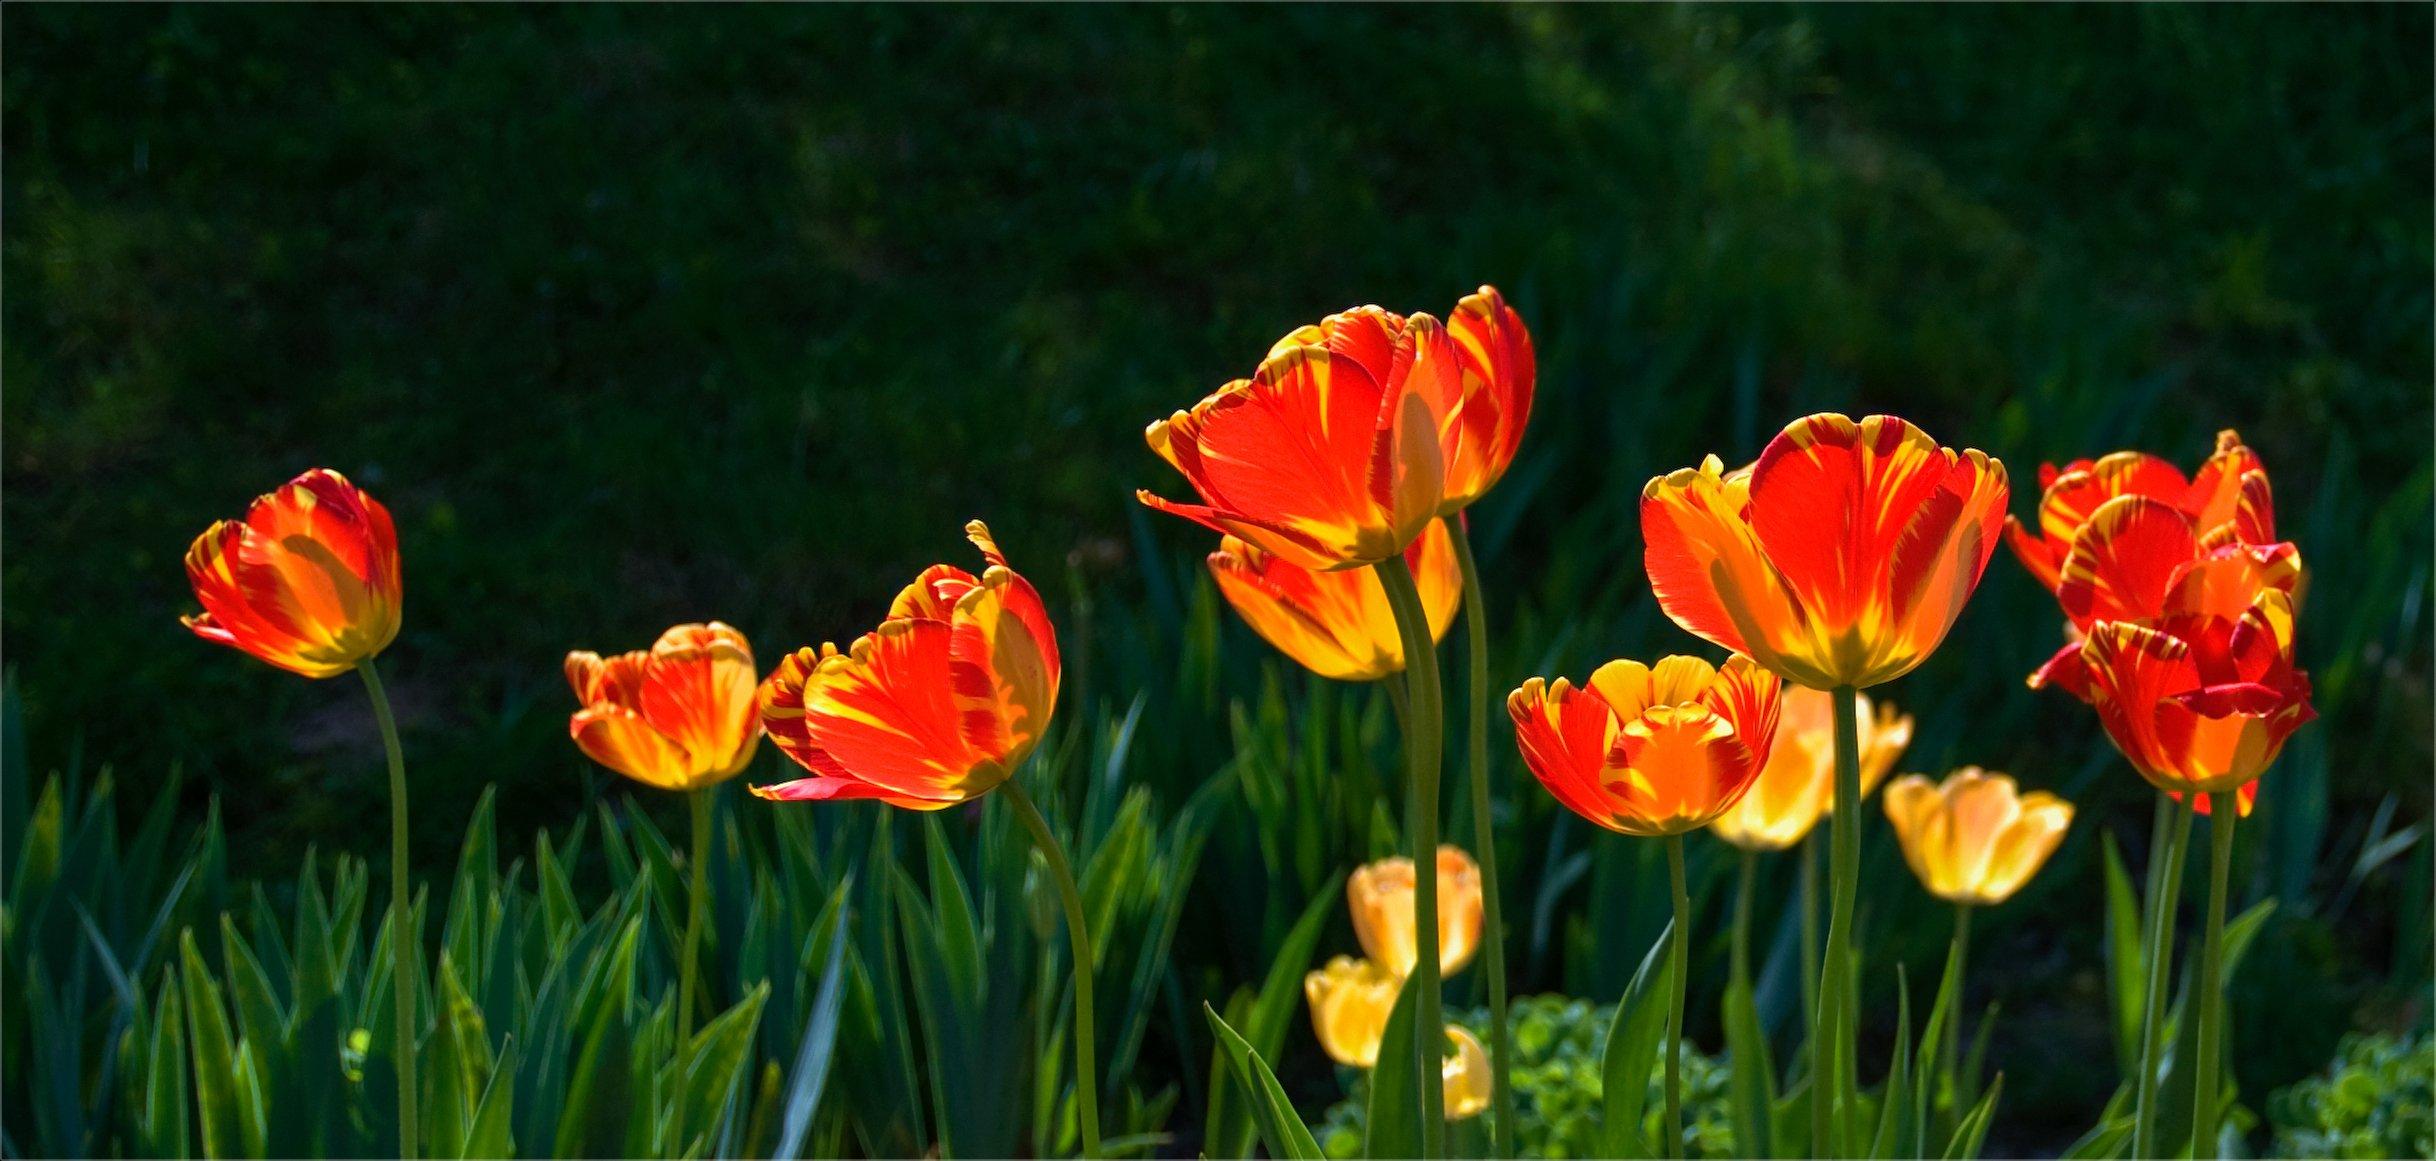 nature, природа,  растение, листья,, солнечный свет, цветы, цветок, макро, цвести,  весна, красота, тюльпаны, Михаил MSH